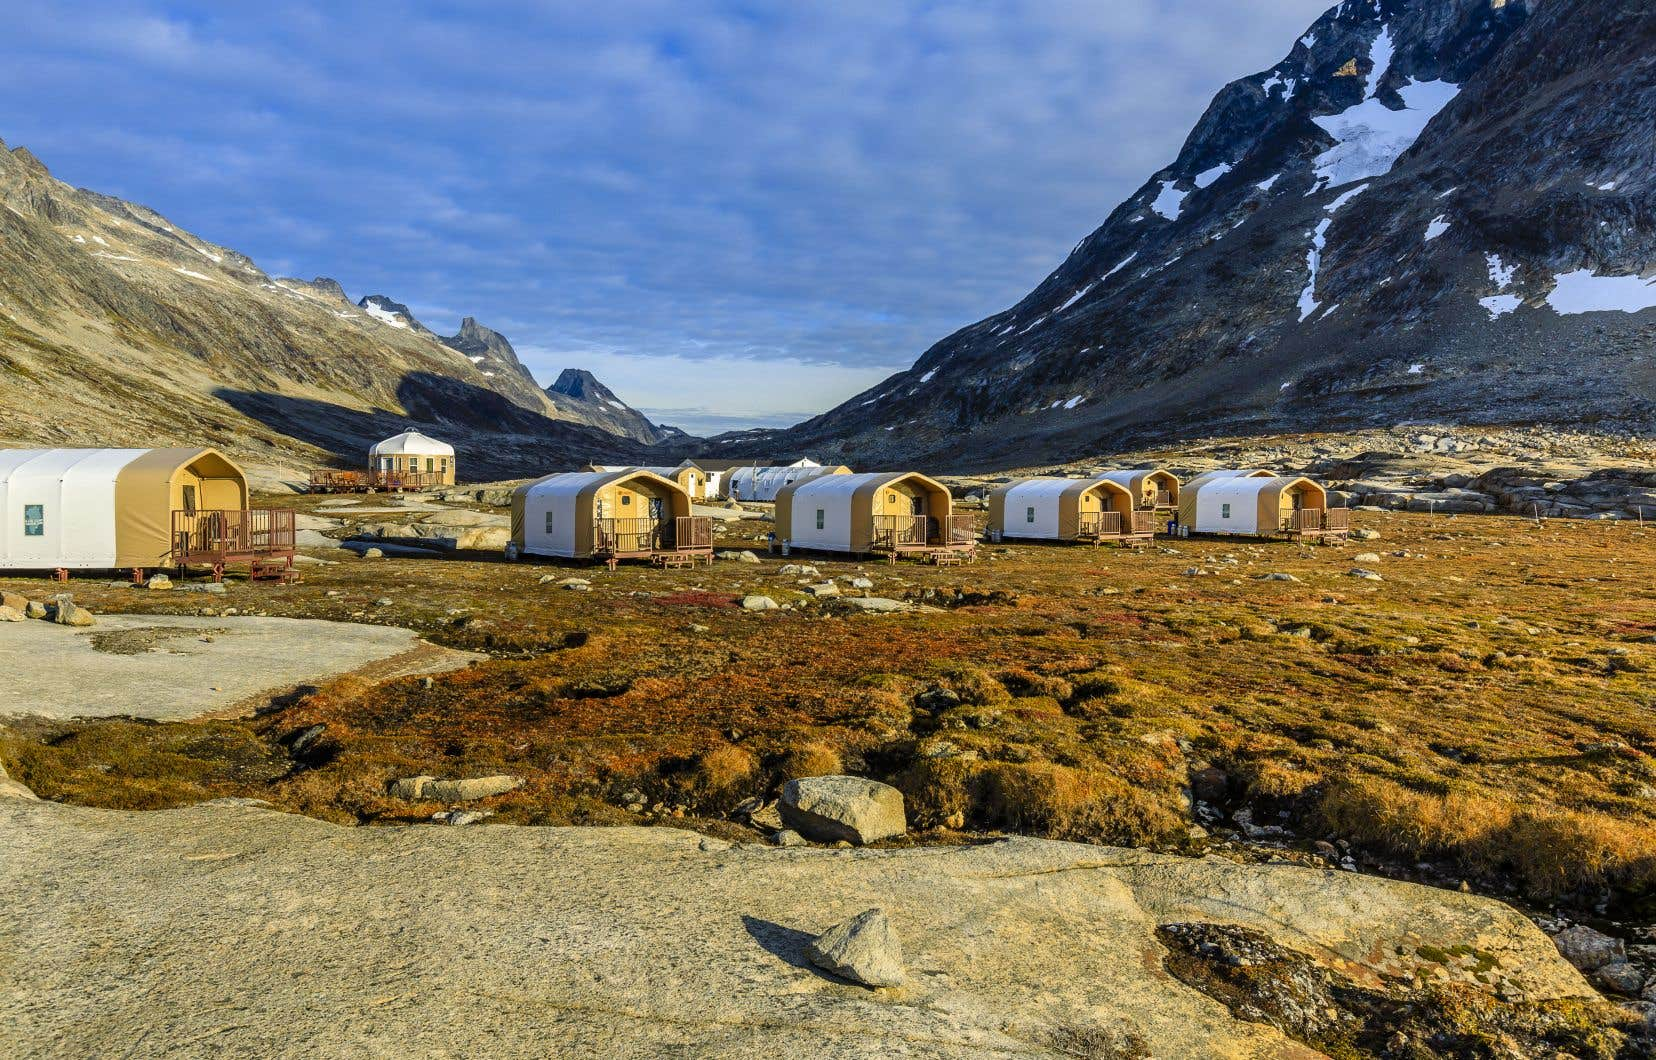 Le campement provisoire de Natural Habitat Adventures au Groenland